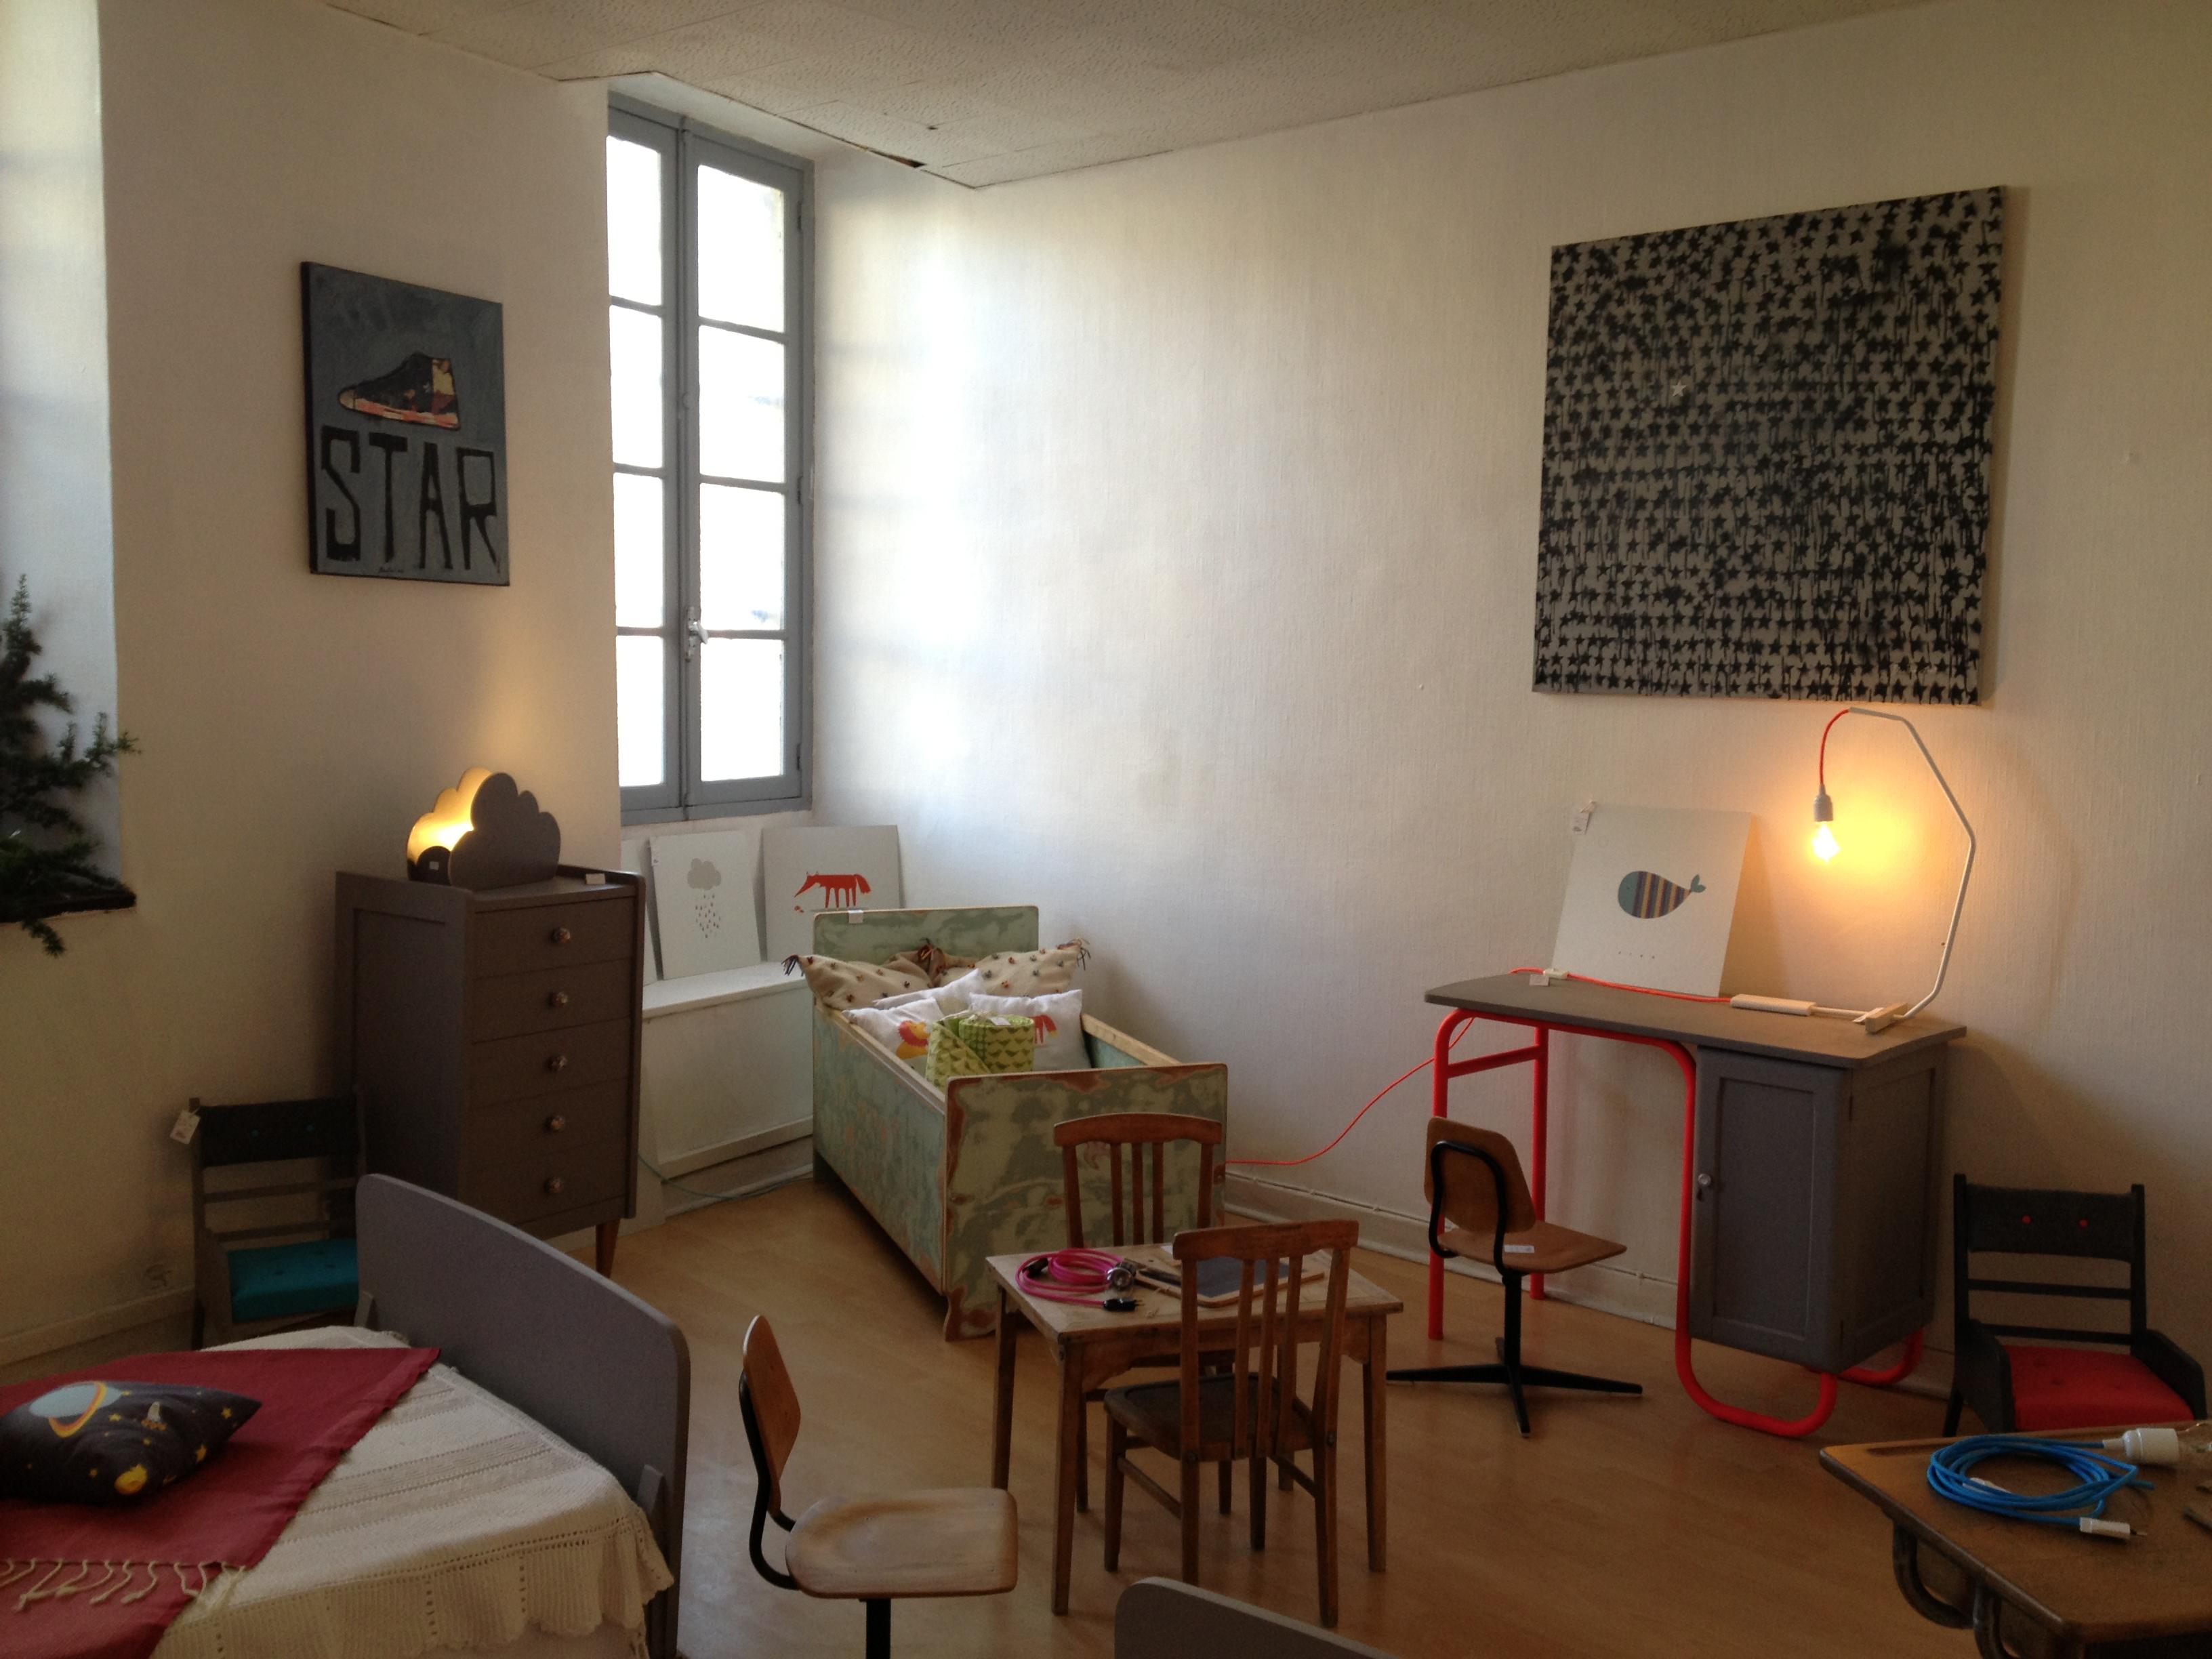 Chambre enfant vintage r tro boutique - Boutique deco vintage en ligne ...